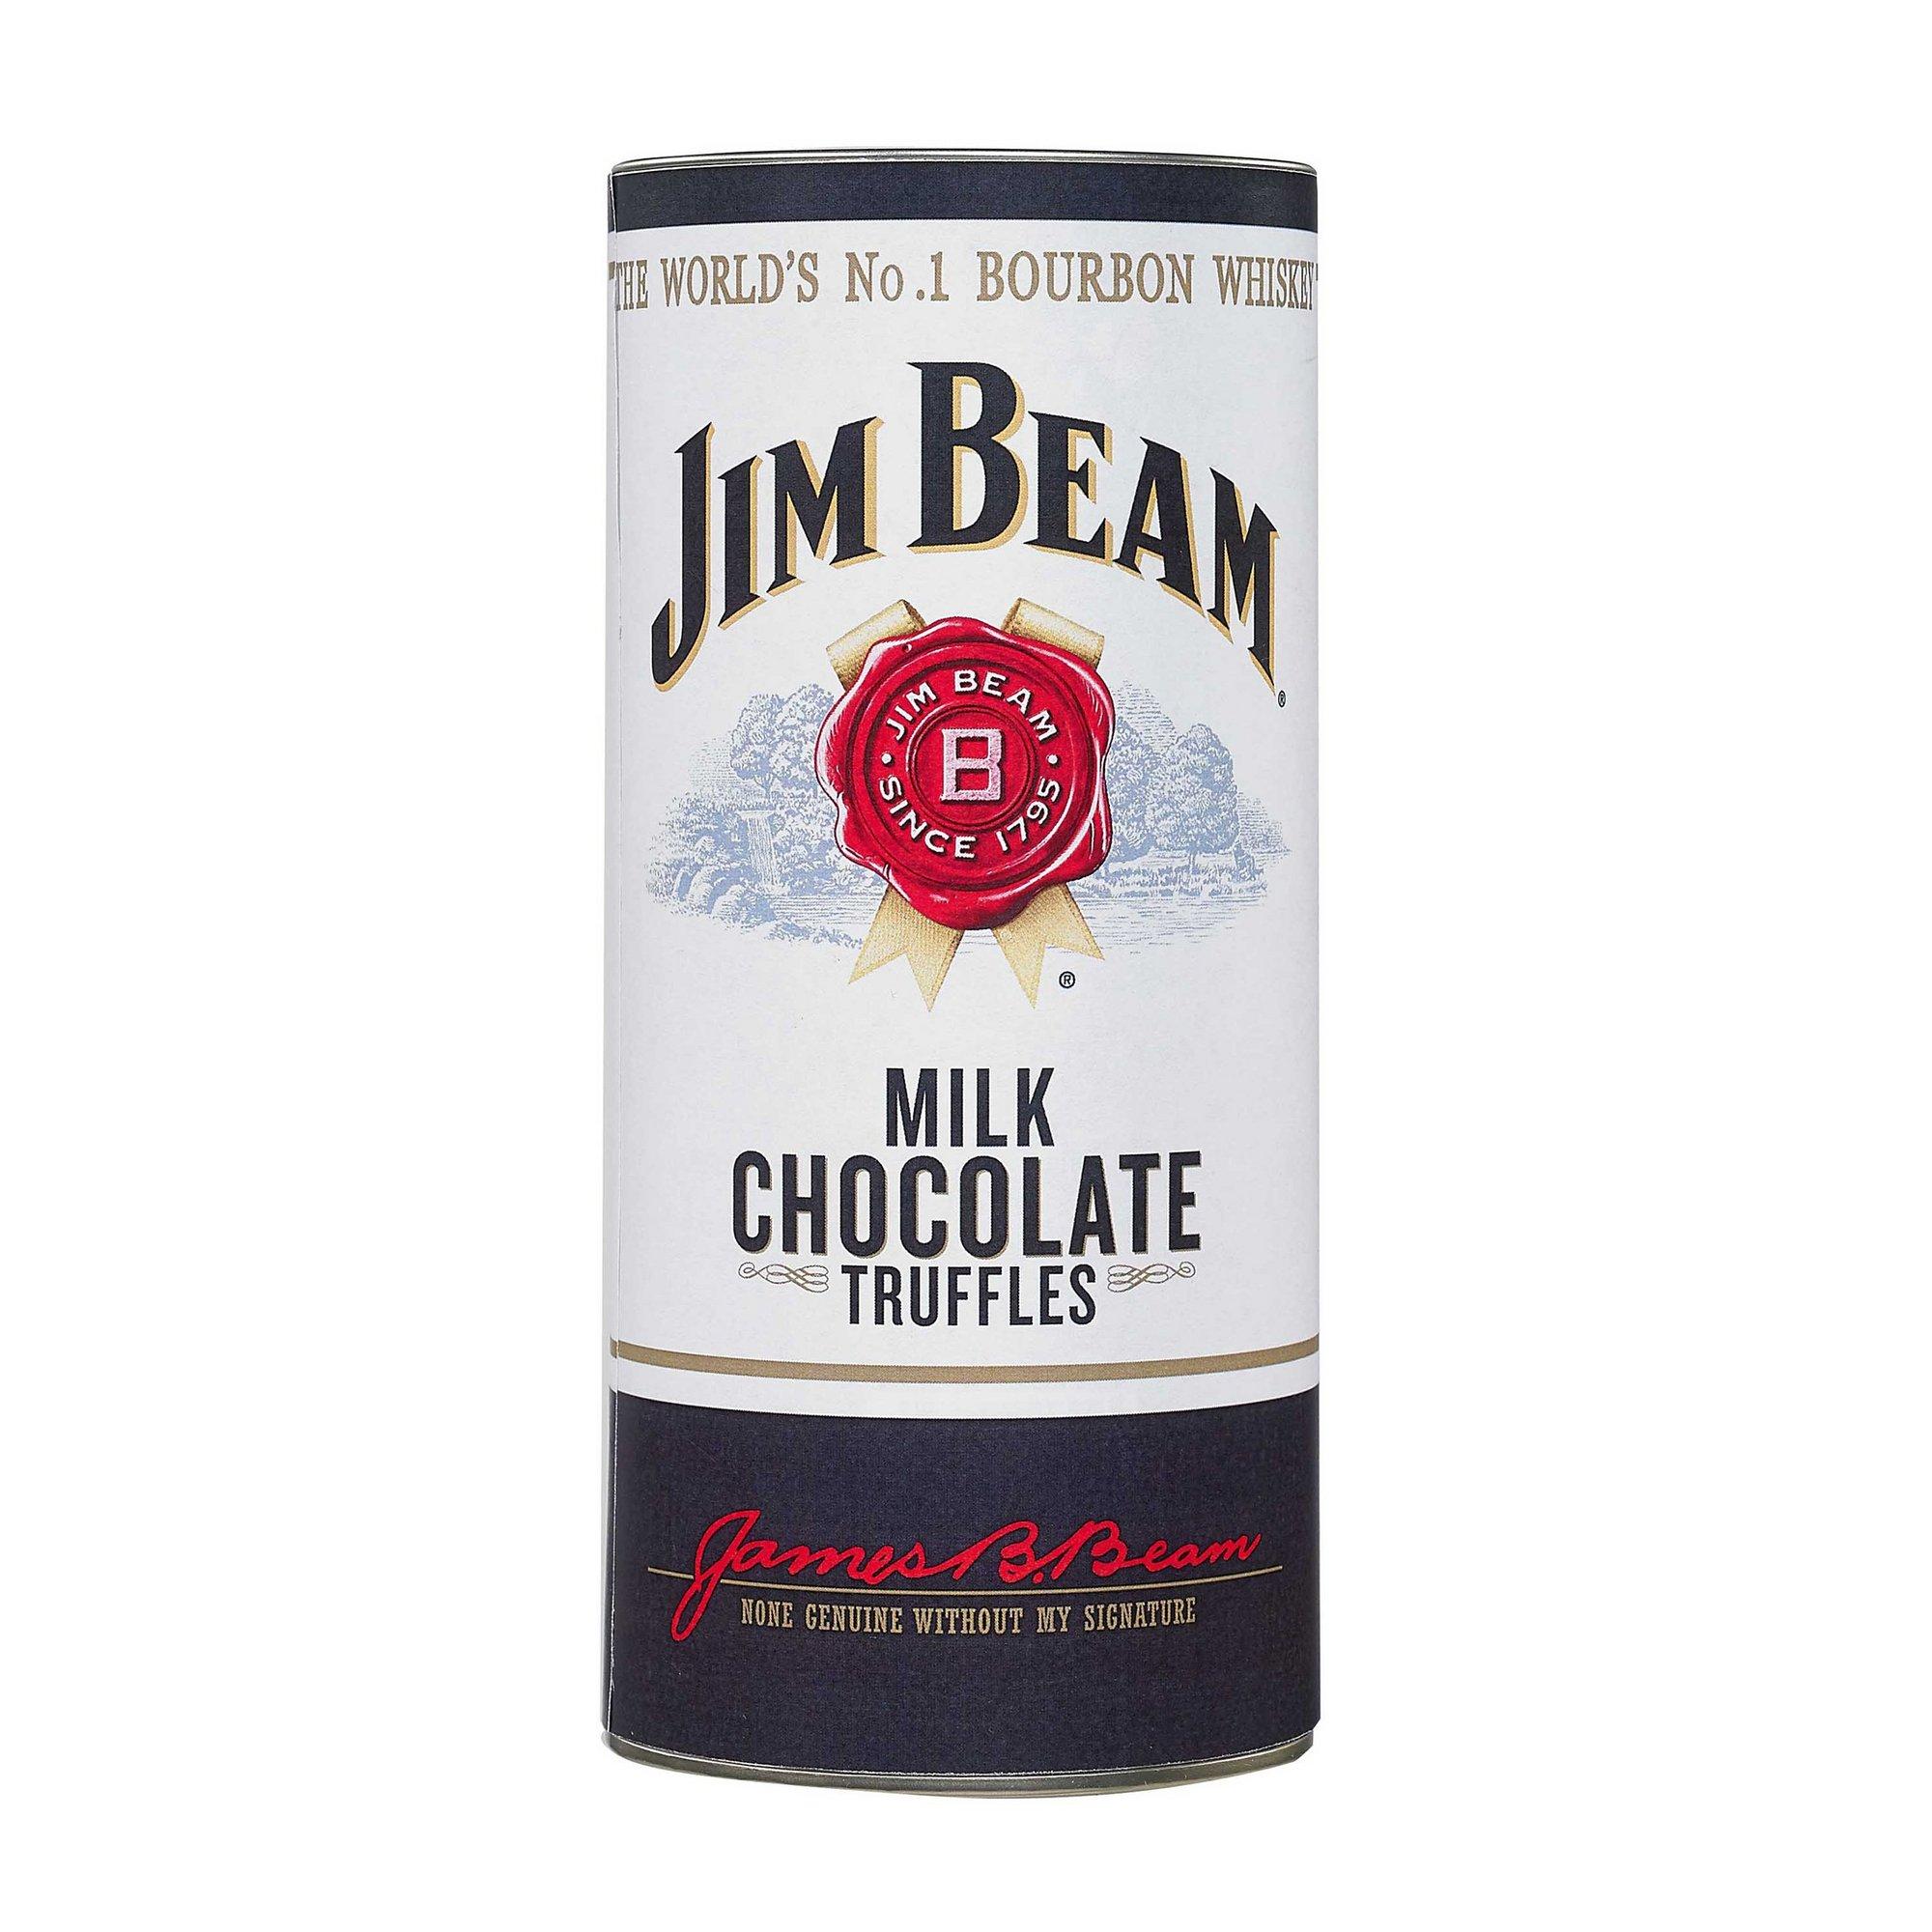 Image of Jim Beam Chocolate Truffles In Gift Tube